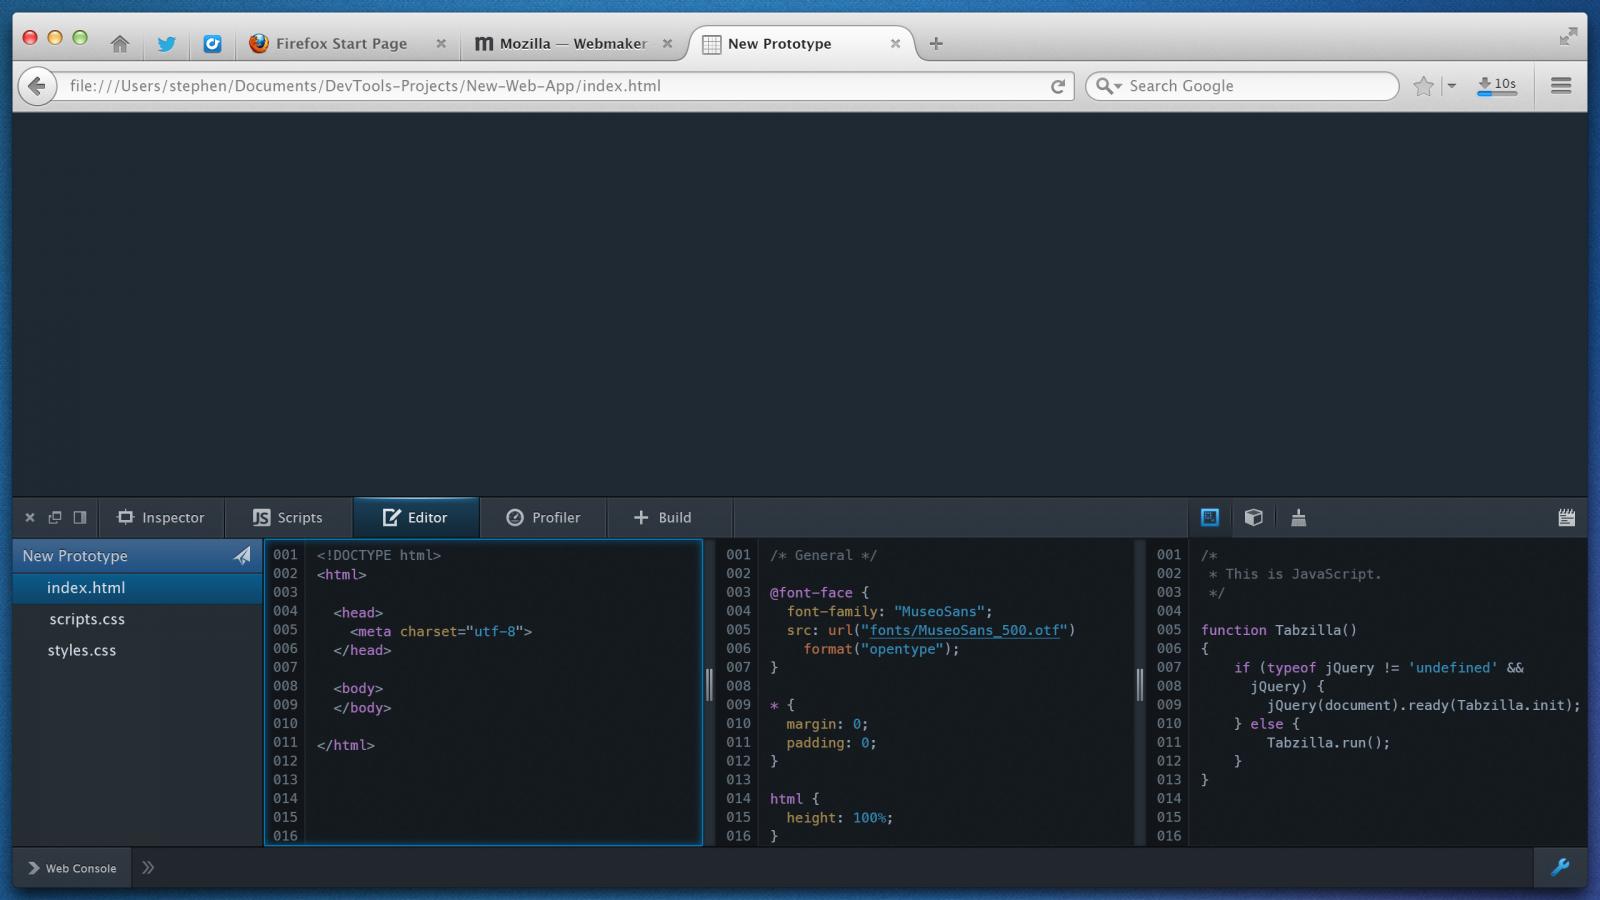 DevTools-i04-BuildTab-05-(Prototype)-@2x